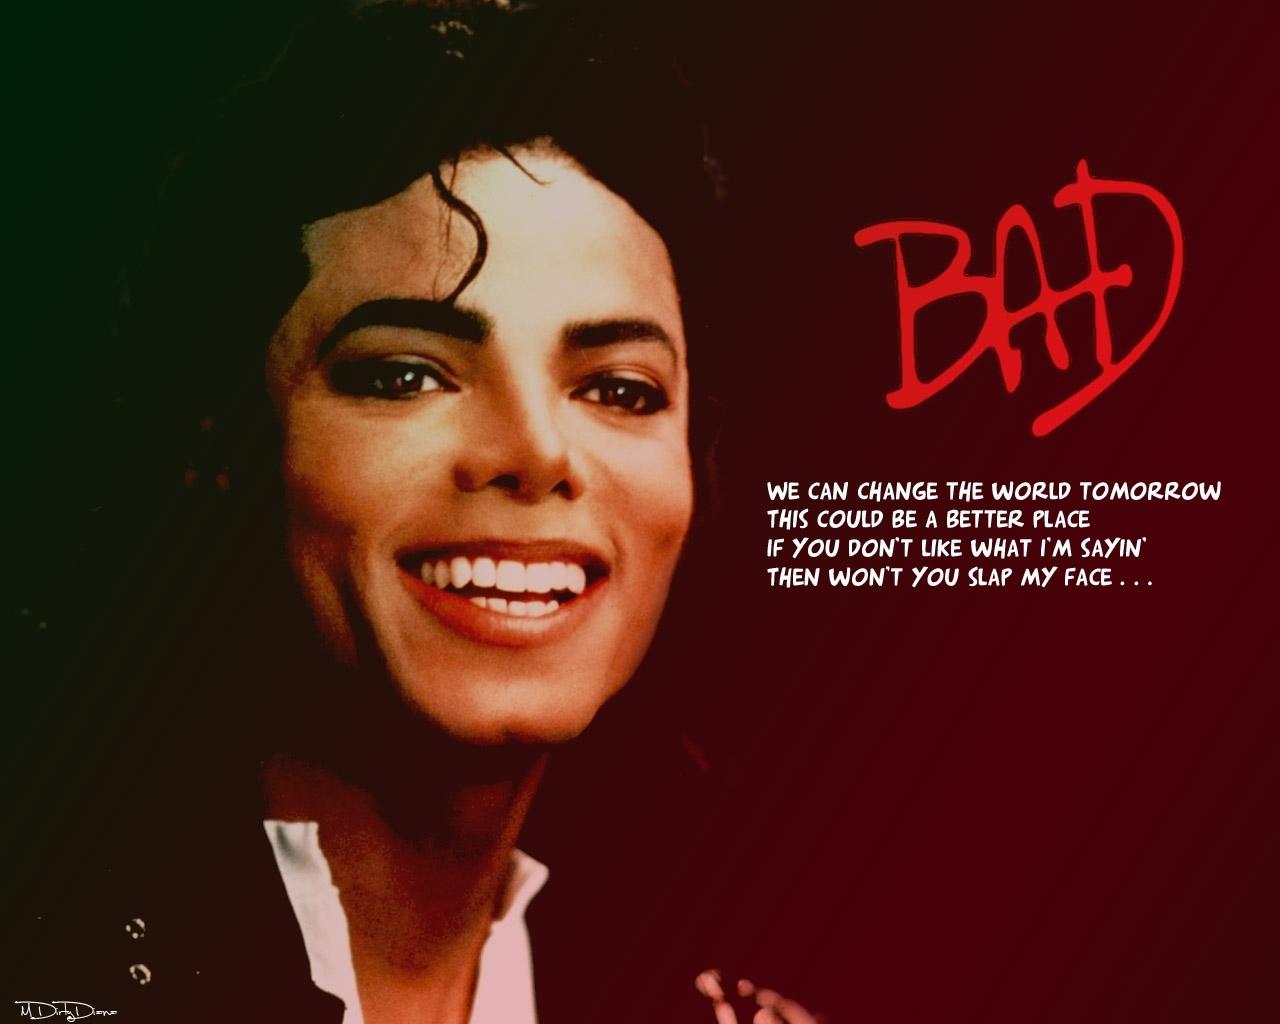 2077 Заставки и Обои Артисты на телефон. Скачать Артисты, Майкл Джексон (Michael Jackson), Музыка, Люди, Мужчины картинки бесплатно